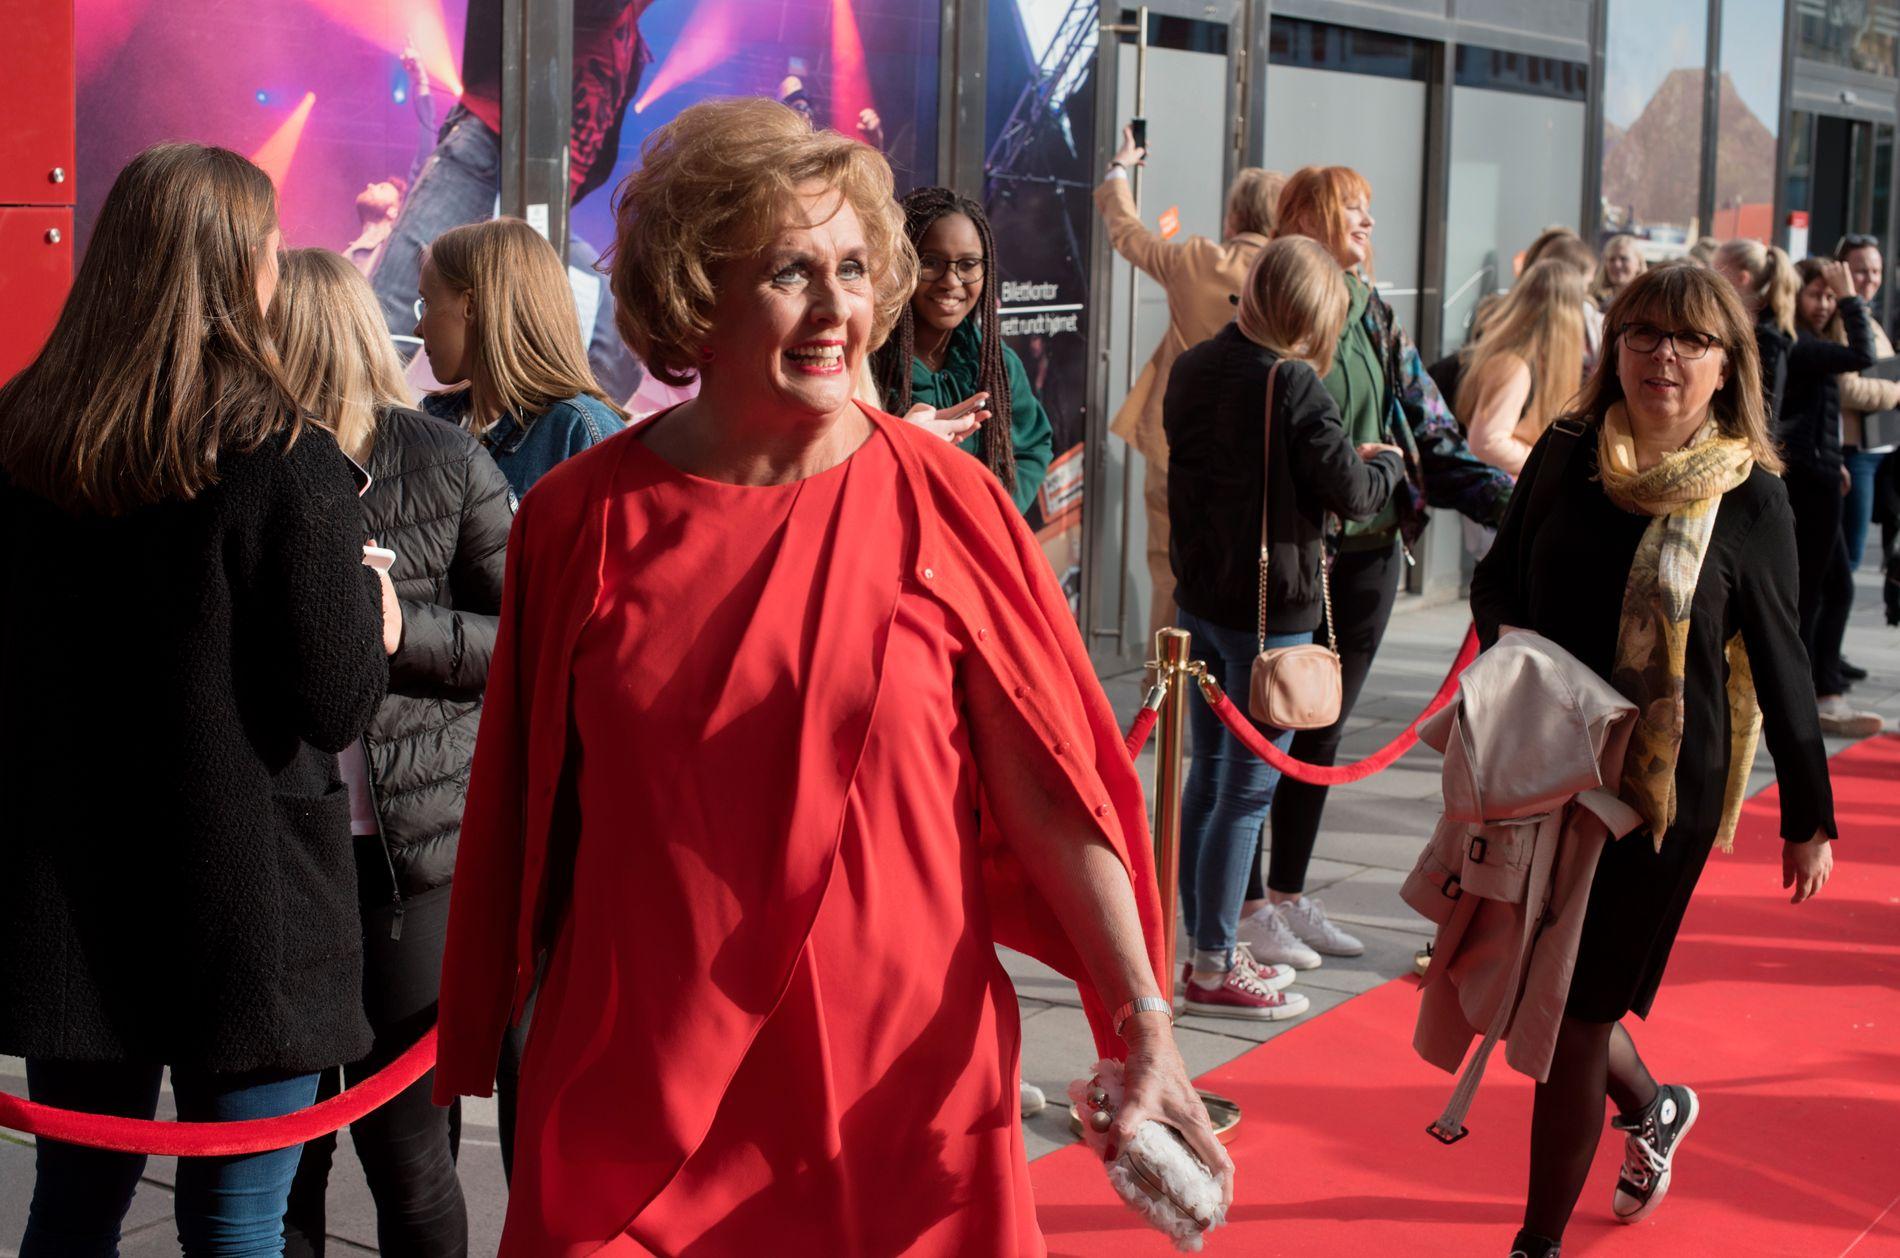 FLERE POLITIKERE: Tidligere ordfører Trude Drevland var blant dem som møtte opp for å få med seg prisvinnerne under Gullruten. Også kulturminister Linda Hofstad Helleland var å se i løpet av kvelden.